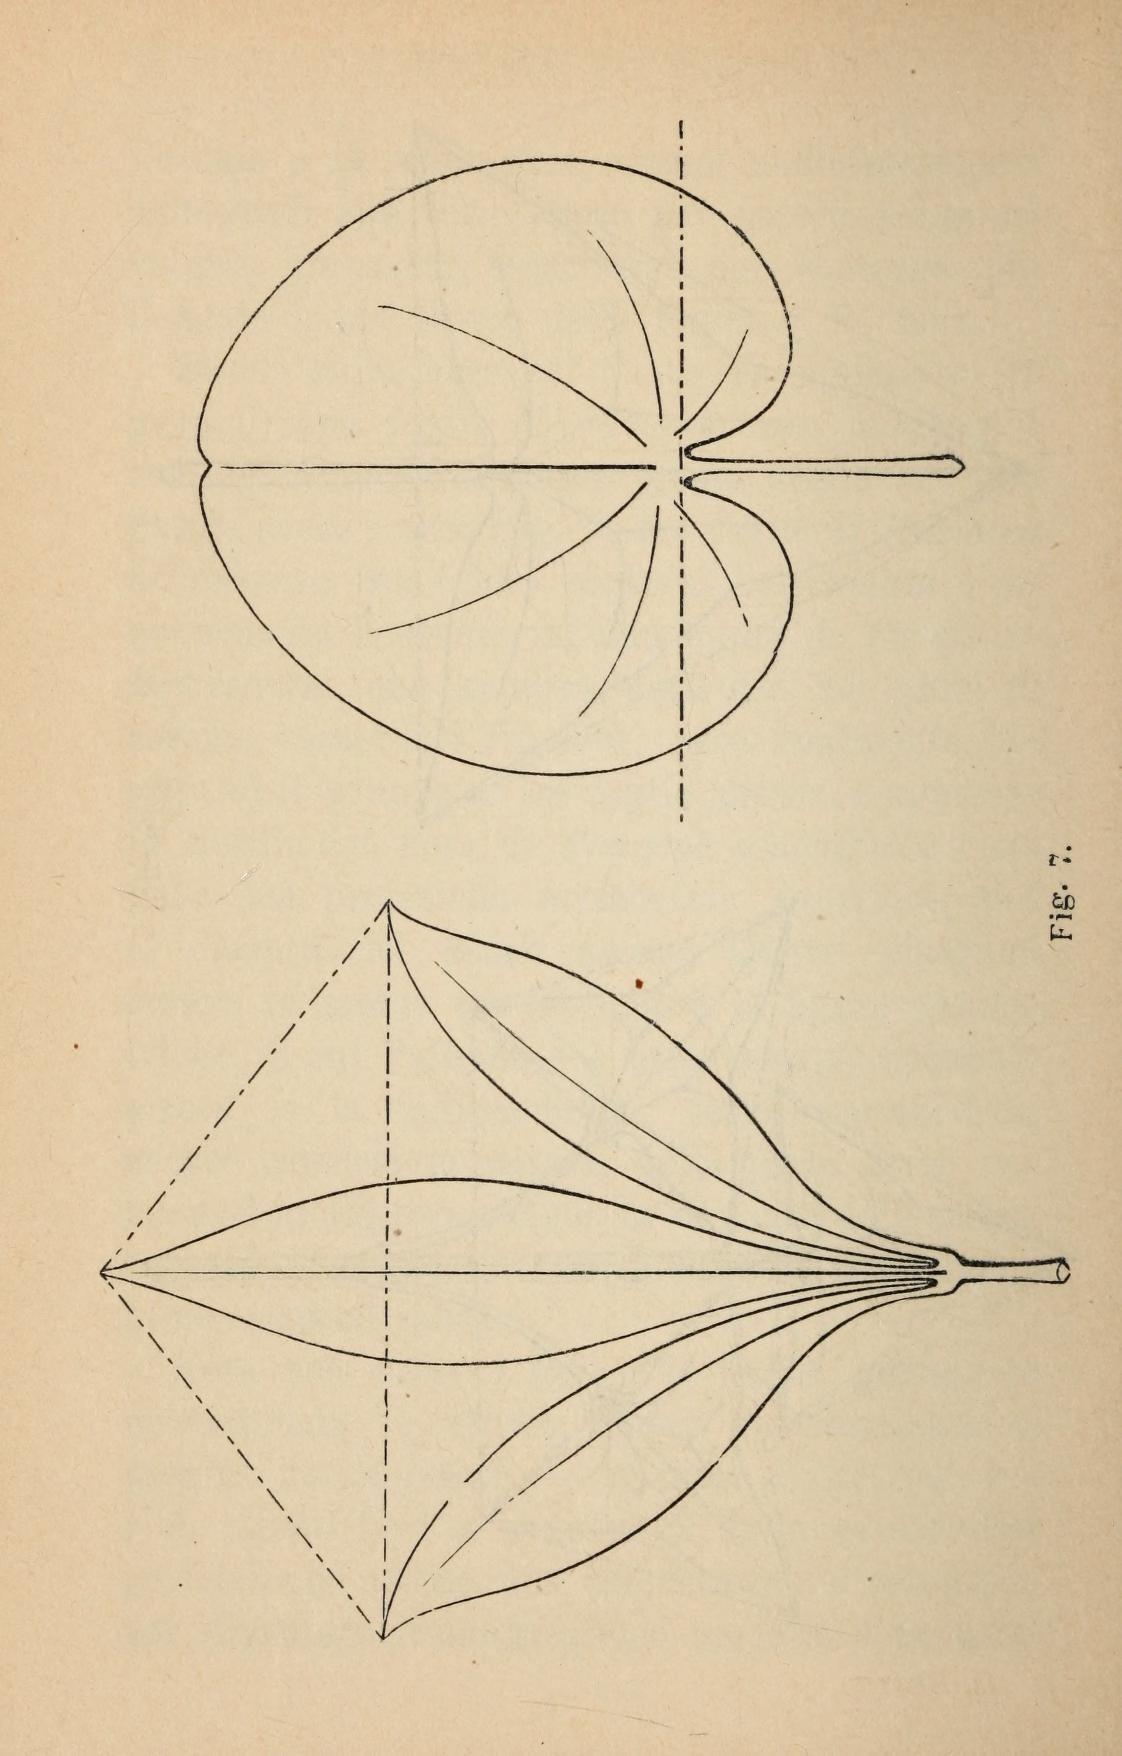 I principii del disegno e gli stili dell'orname...